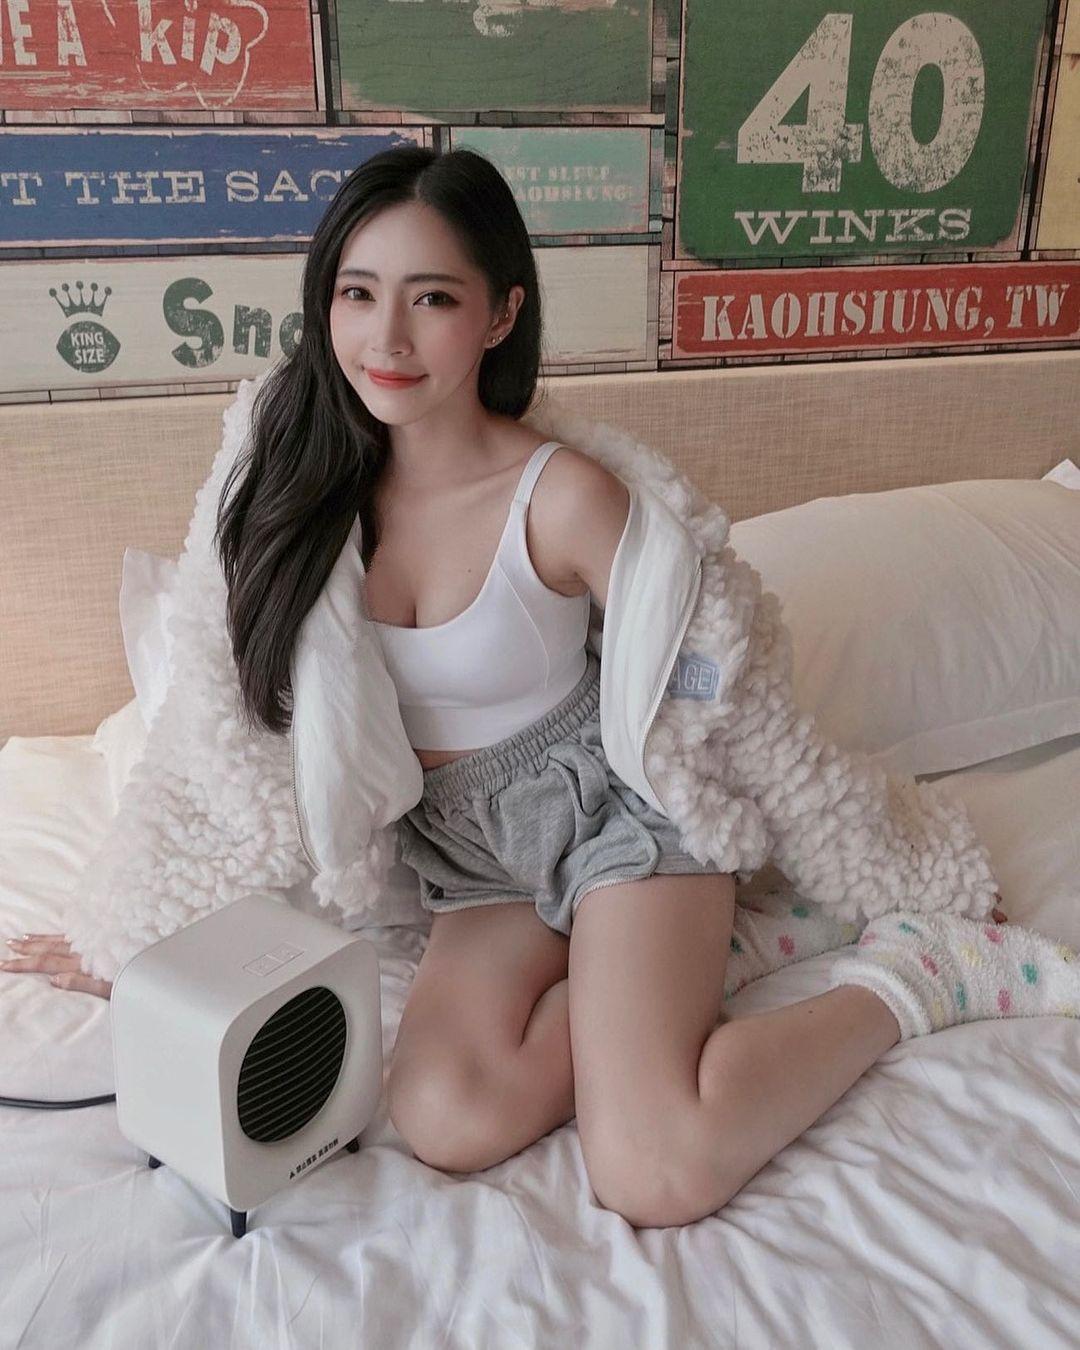 长腿美女「Cindy如如」游乐园拍照晒「神之美腿」,好想跟她坐大怒神. 网络美女 第13张